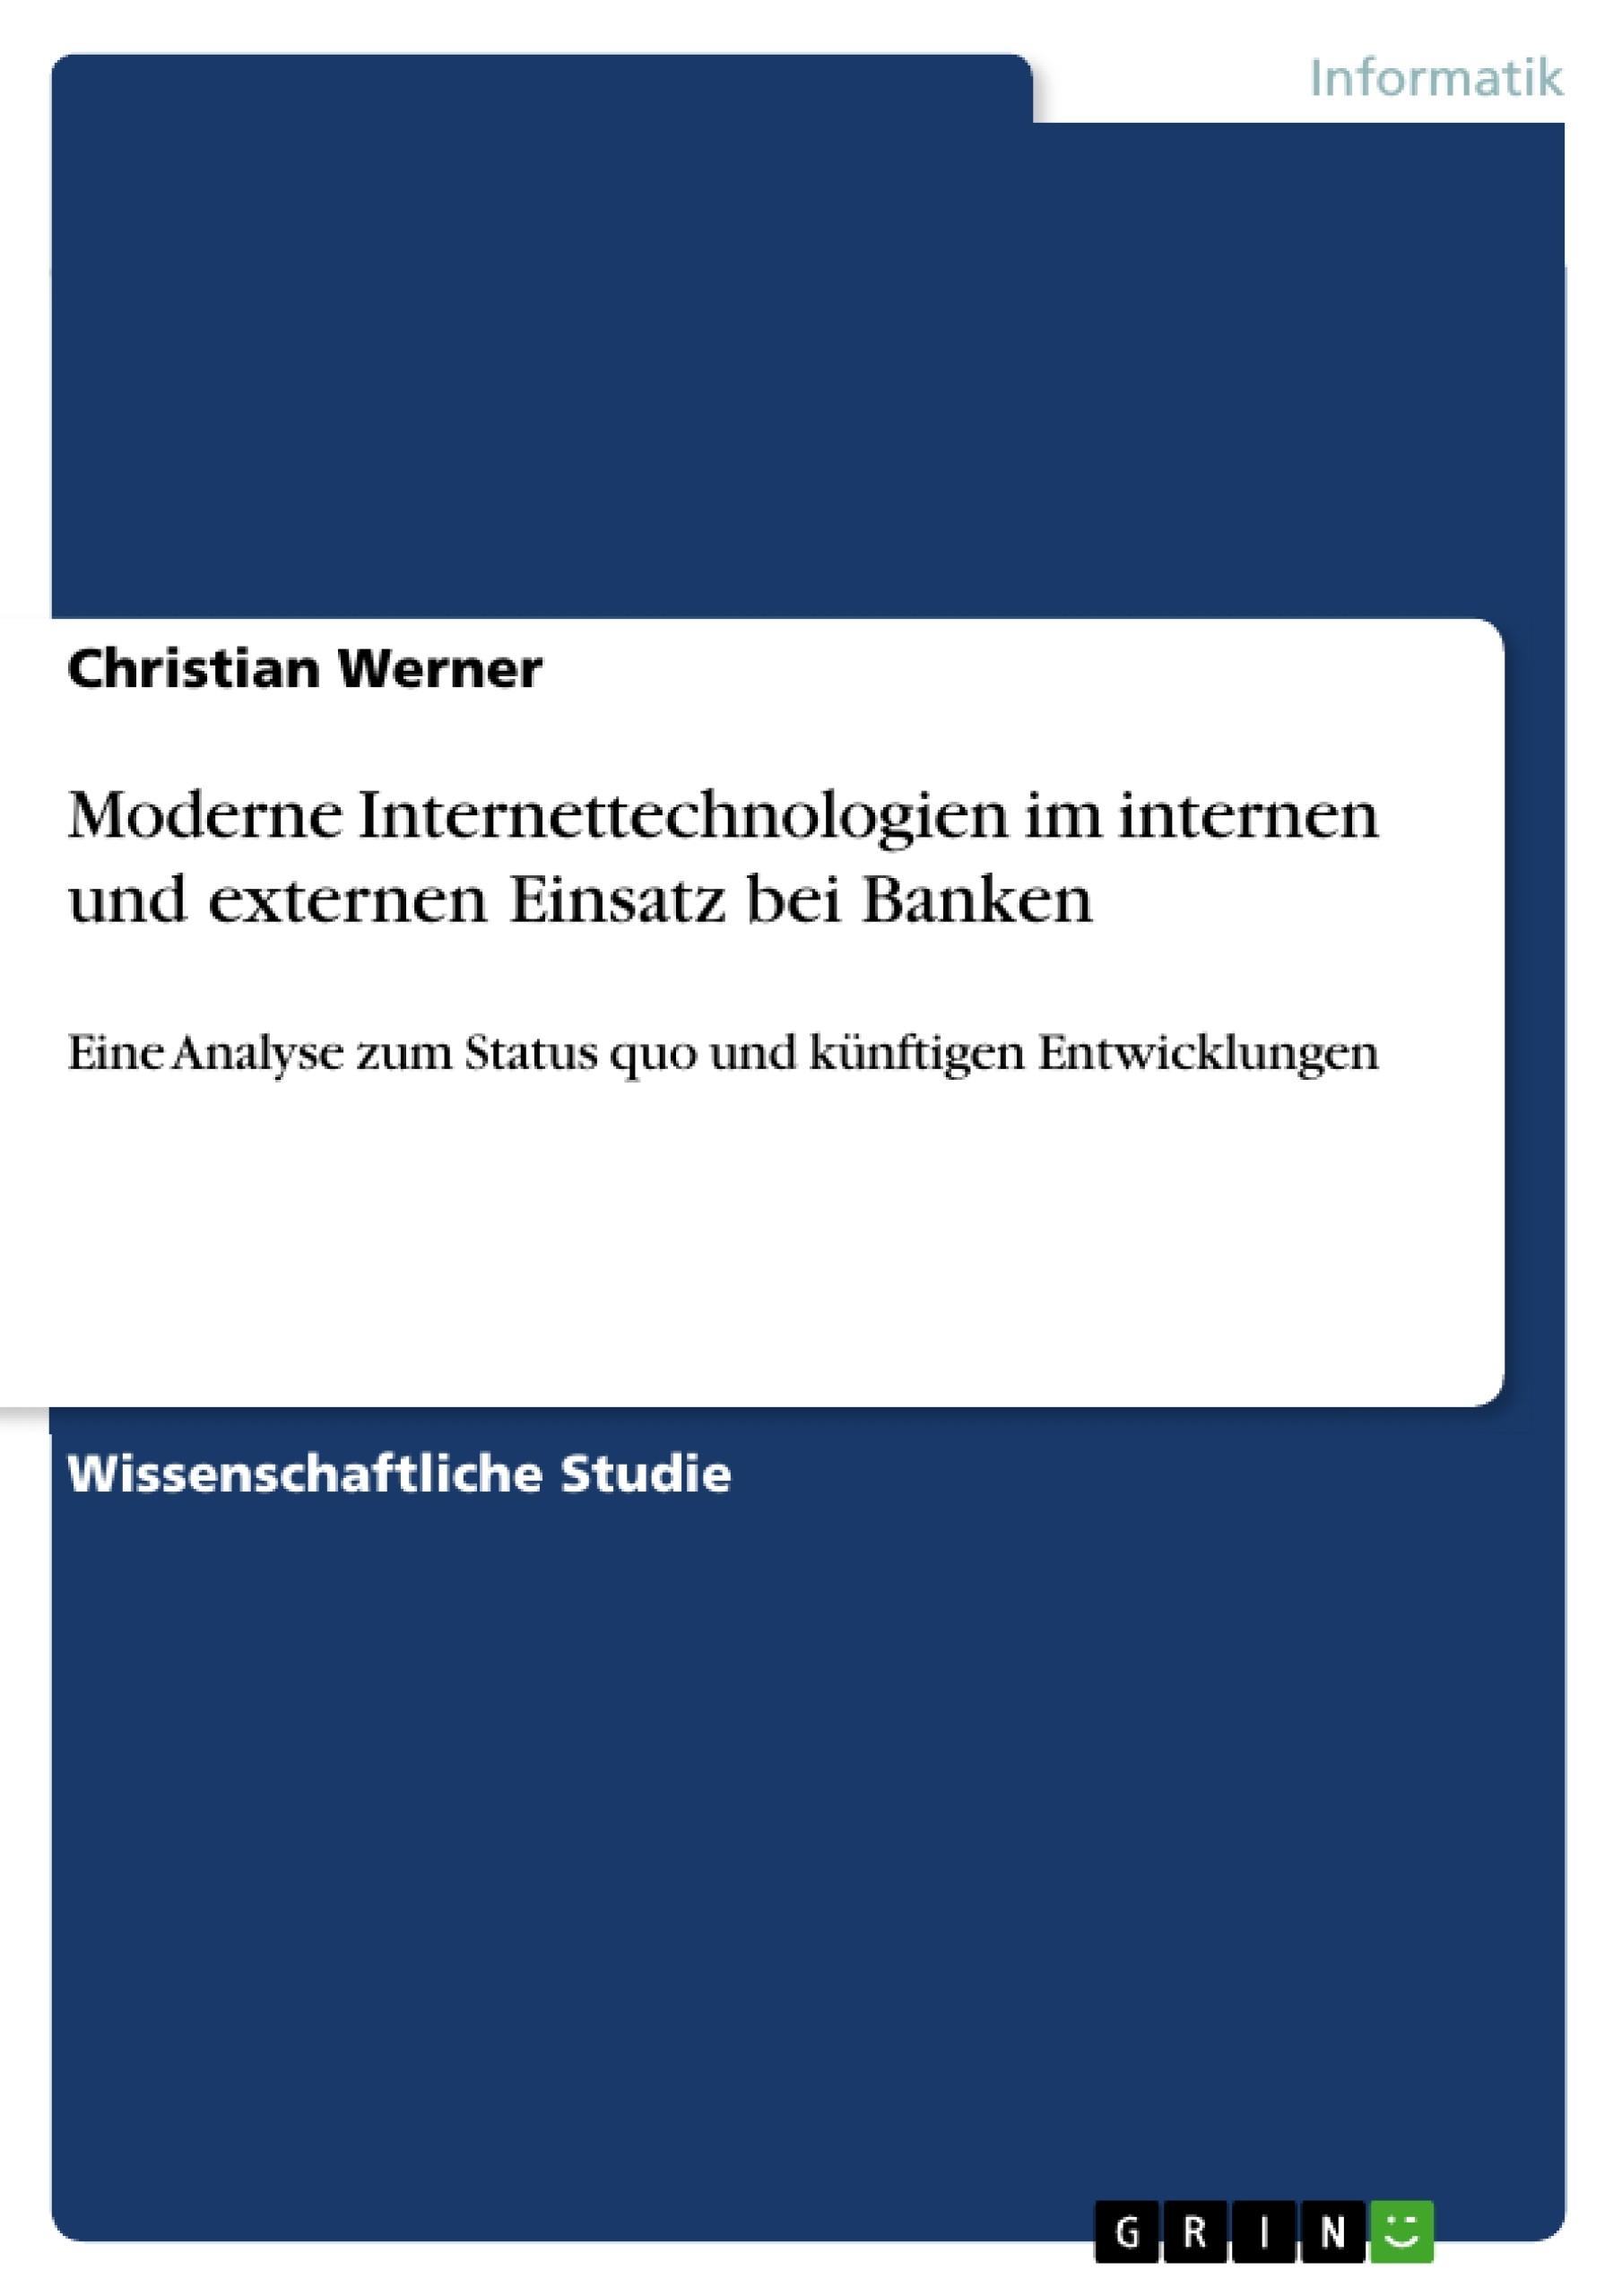 Titel: Moderne Internettechnologien im internen und externen Einsatz bei Banken